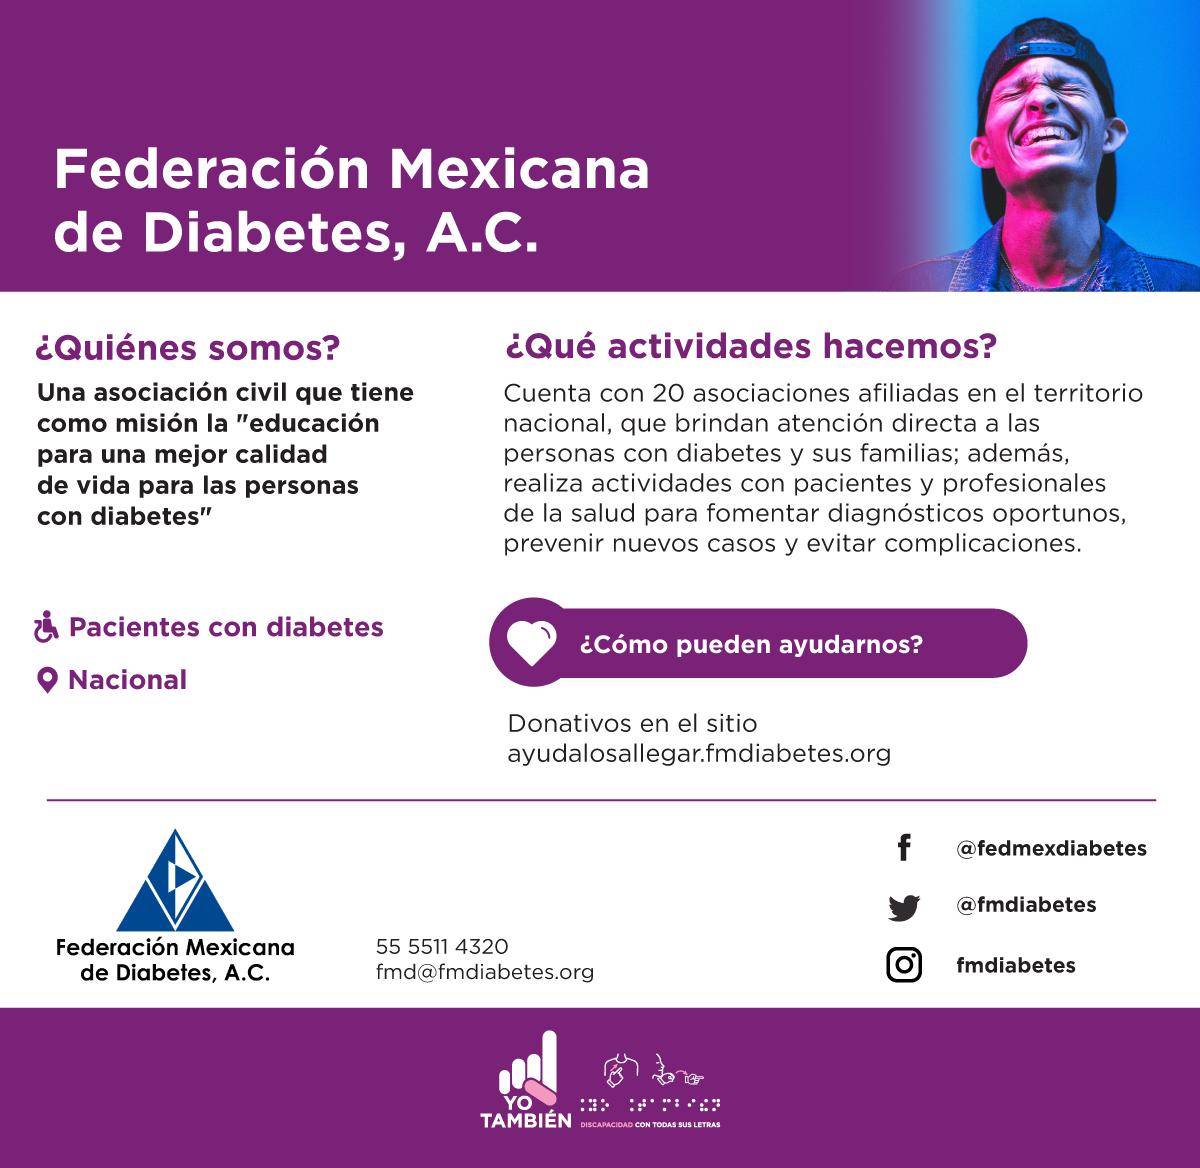 Federación Mexicana de Diabetes, A.C. Son una asociación civil que tiene como misión la educación para una mejor calidad de vida para las personas con diabetes. Puedes ayudarlos con donativos. Contacto: Correo fmd@fmdiabetes.org Teléfono 5555114320